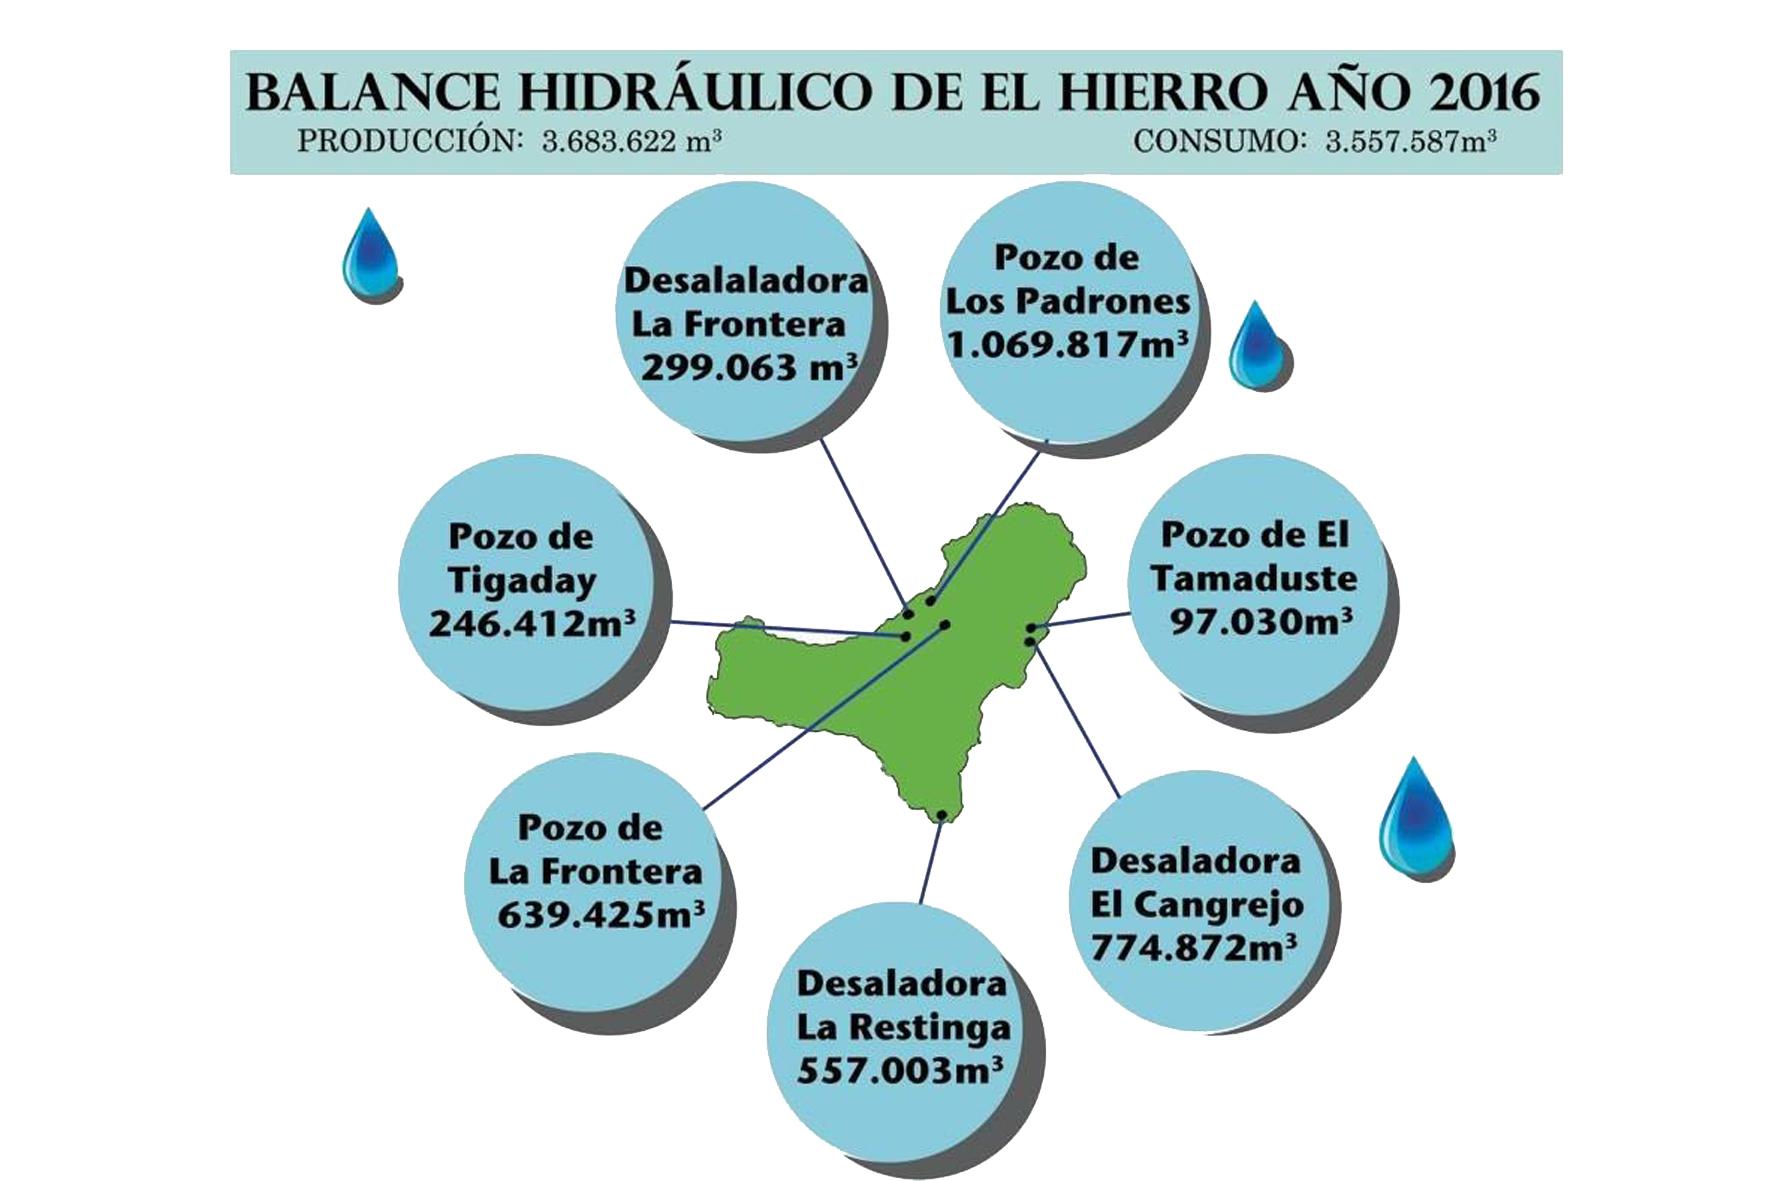 El Hierro consumió 335.000 litros de agua por habitante en 2016